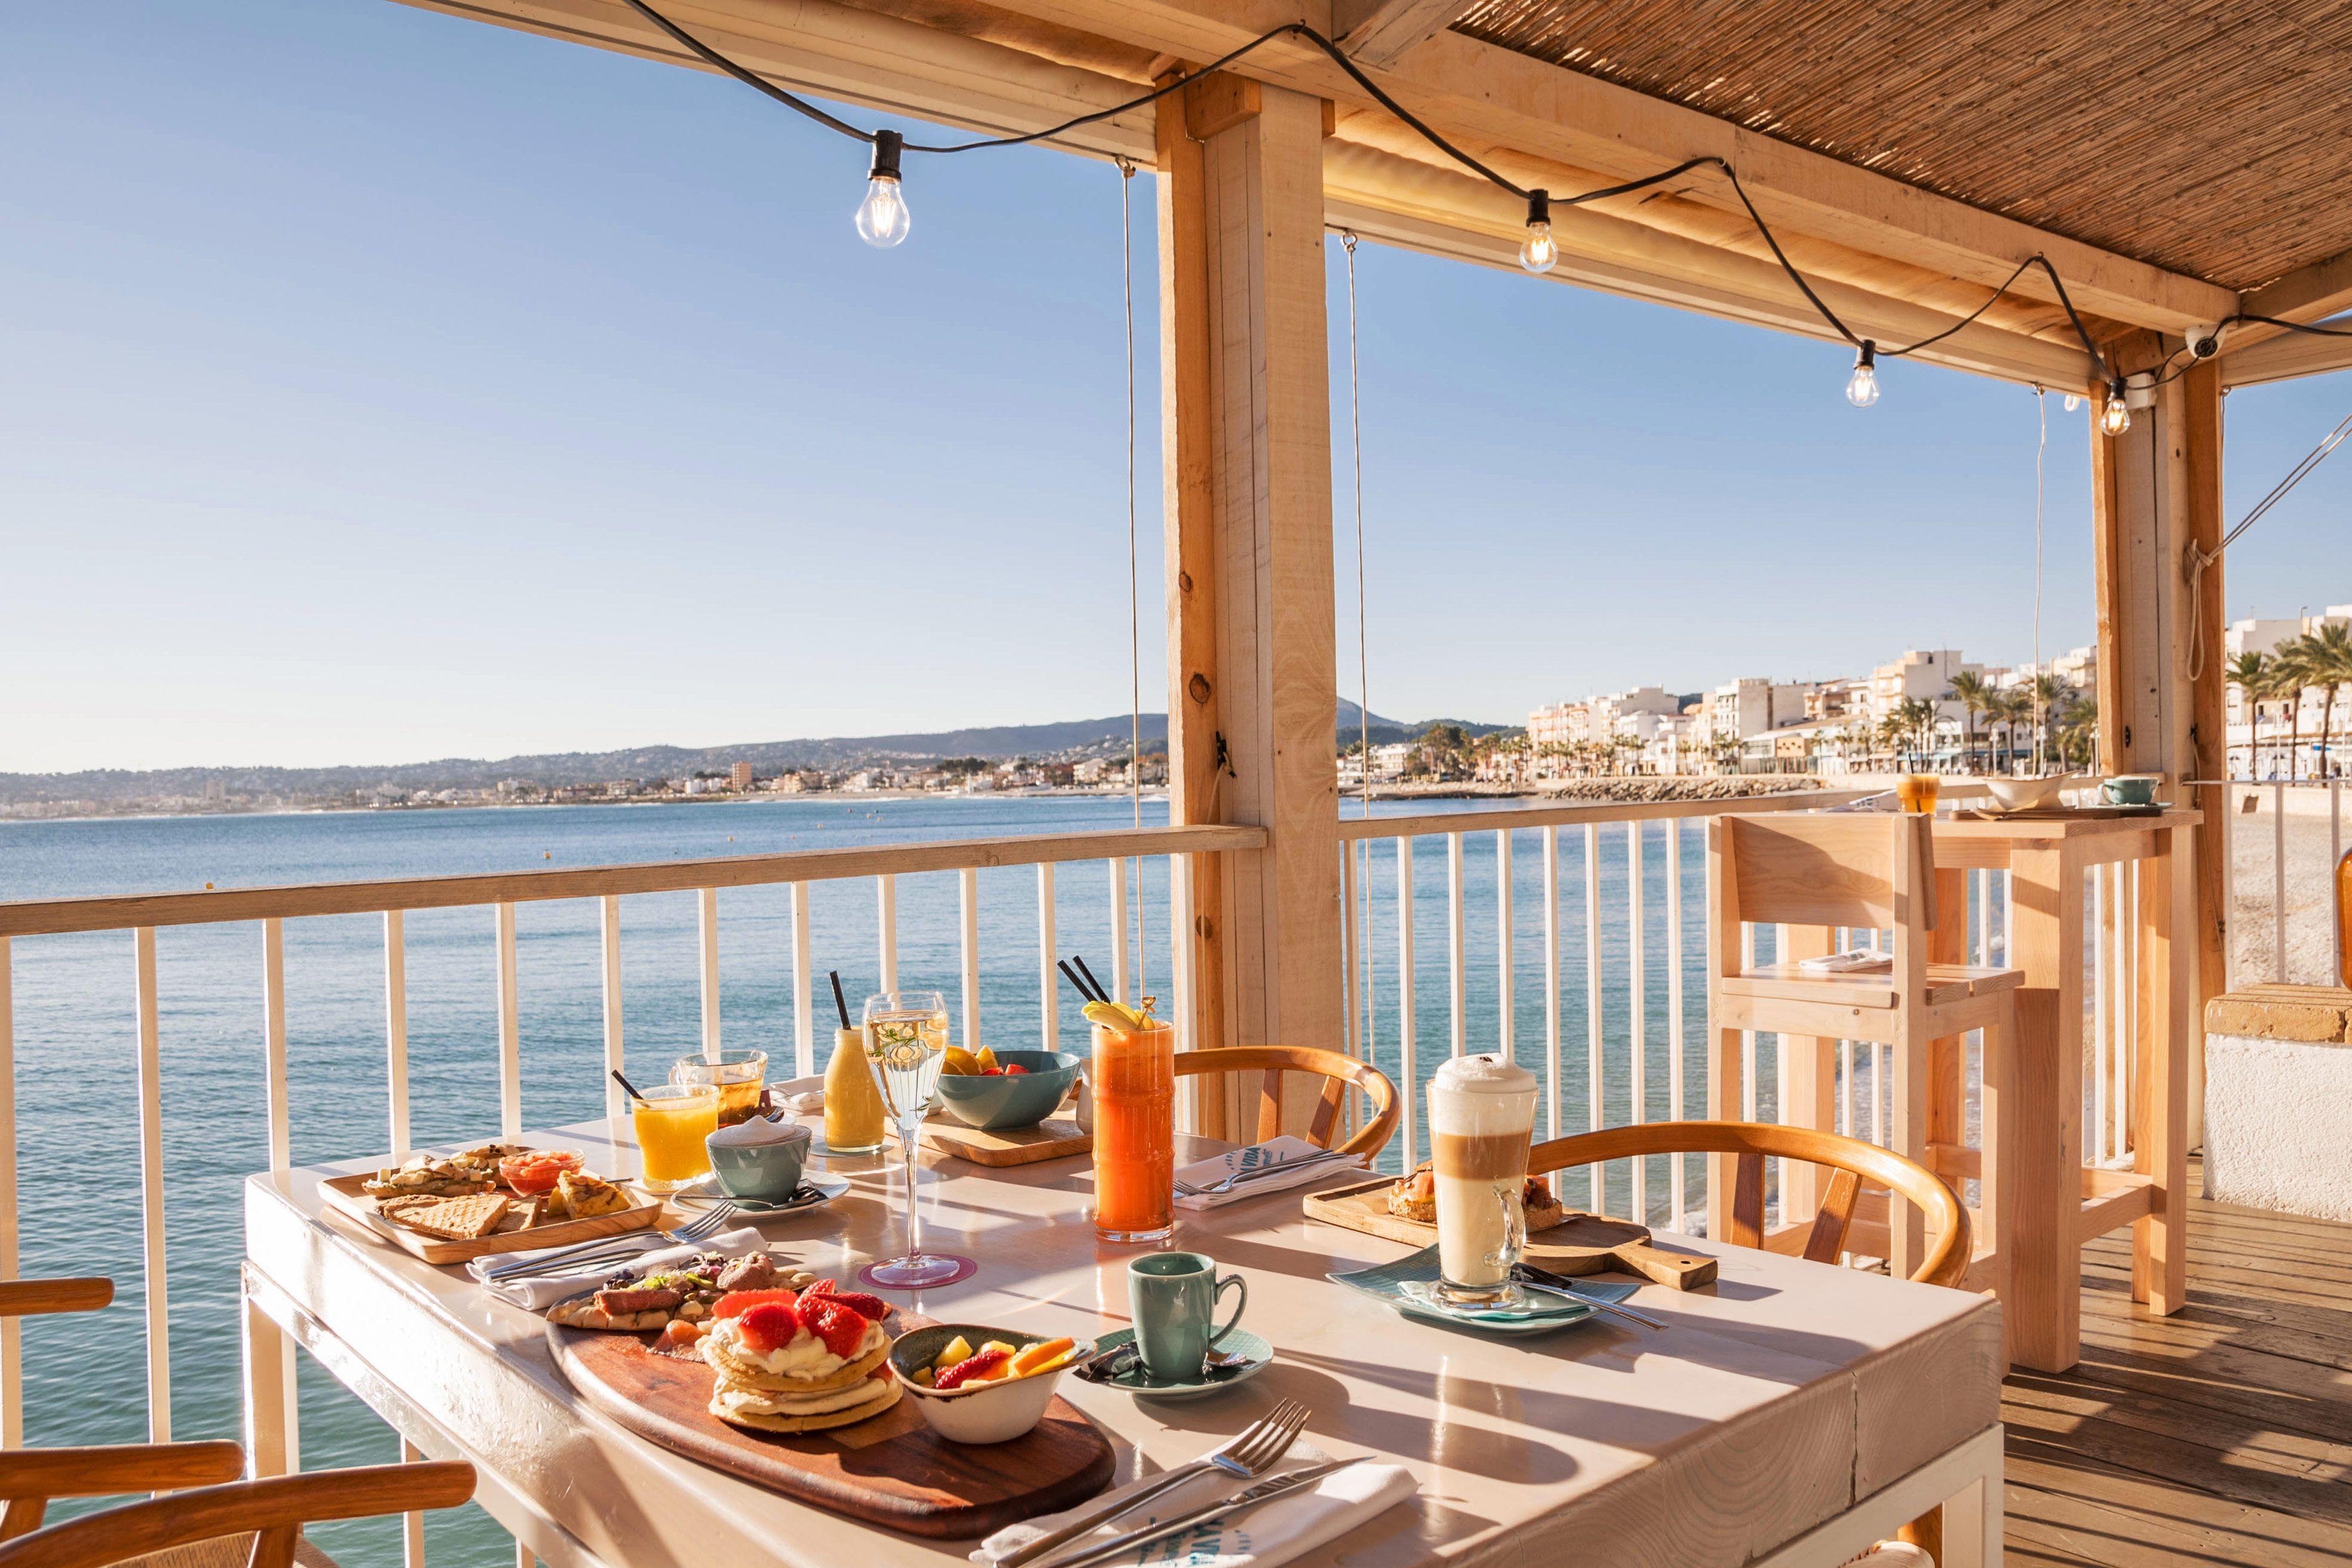 desayunos, vistas al mar, desayunos con vistas al mar